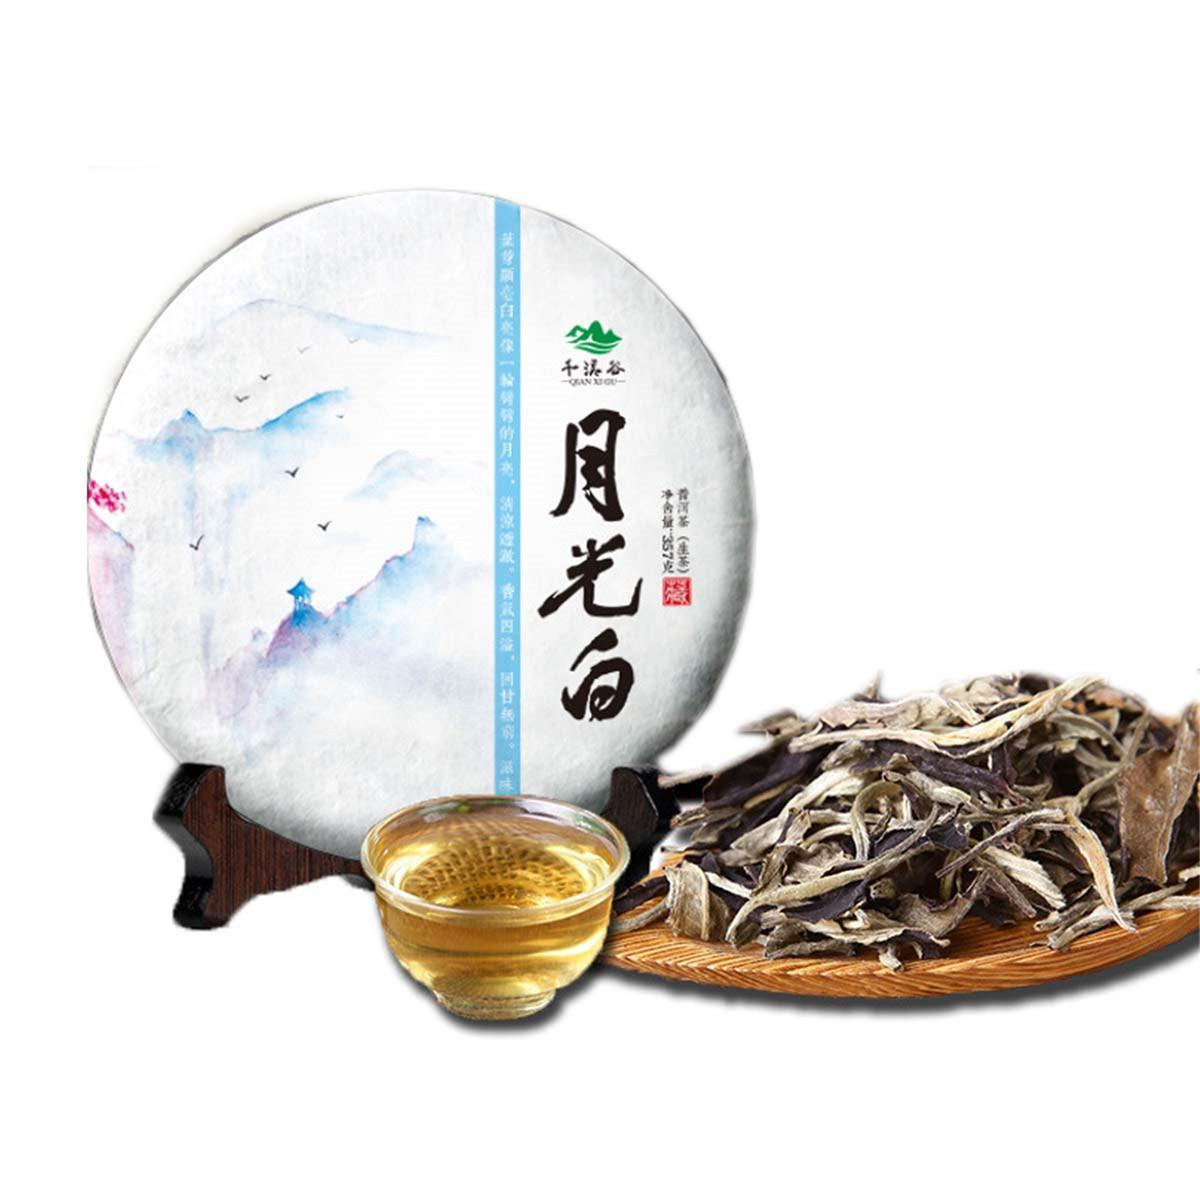 357g Yeni Yunnan Ham Puerh Çay Kek Moonlight Beyaz Moonlight Güzellik Çin Organik Klasik Puer Çay Sıcak satış